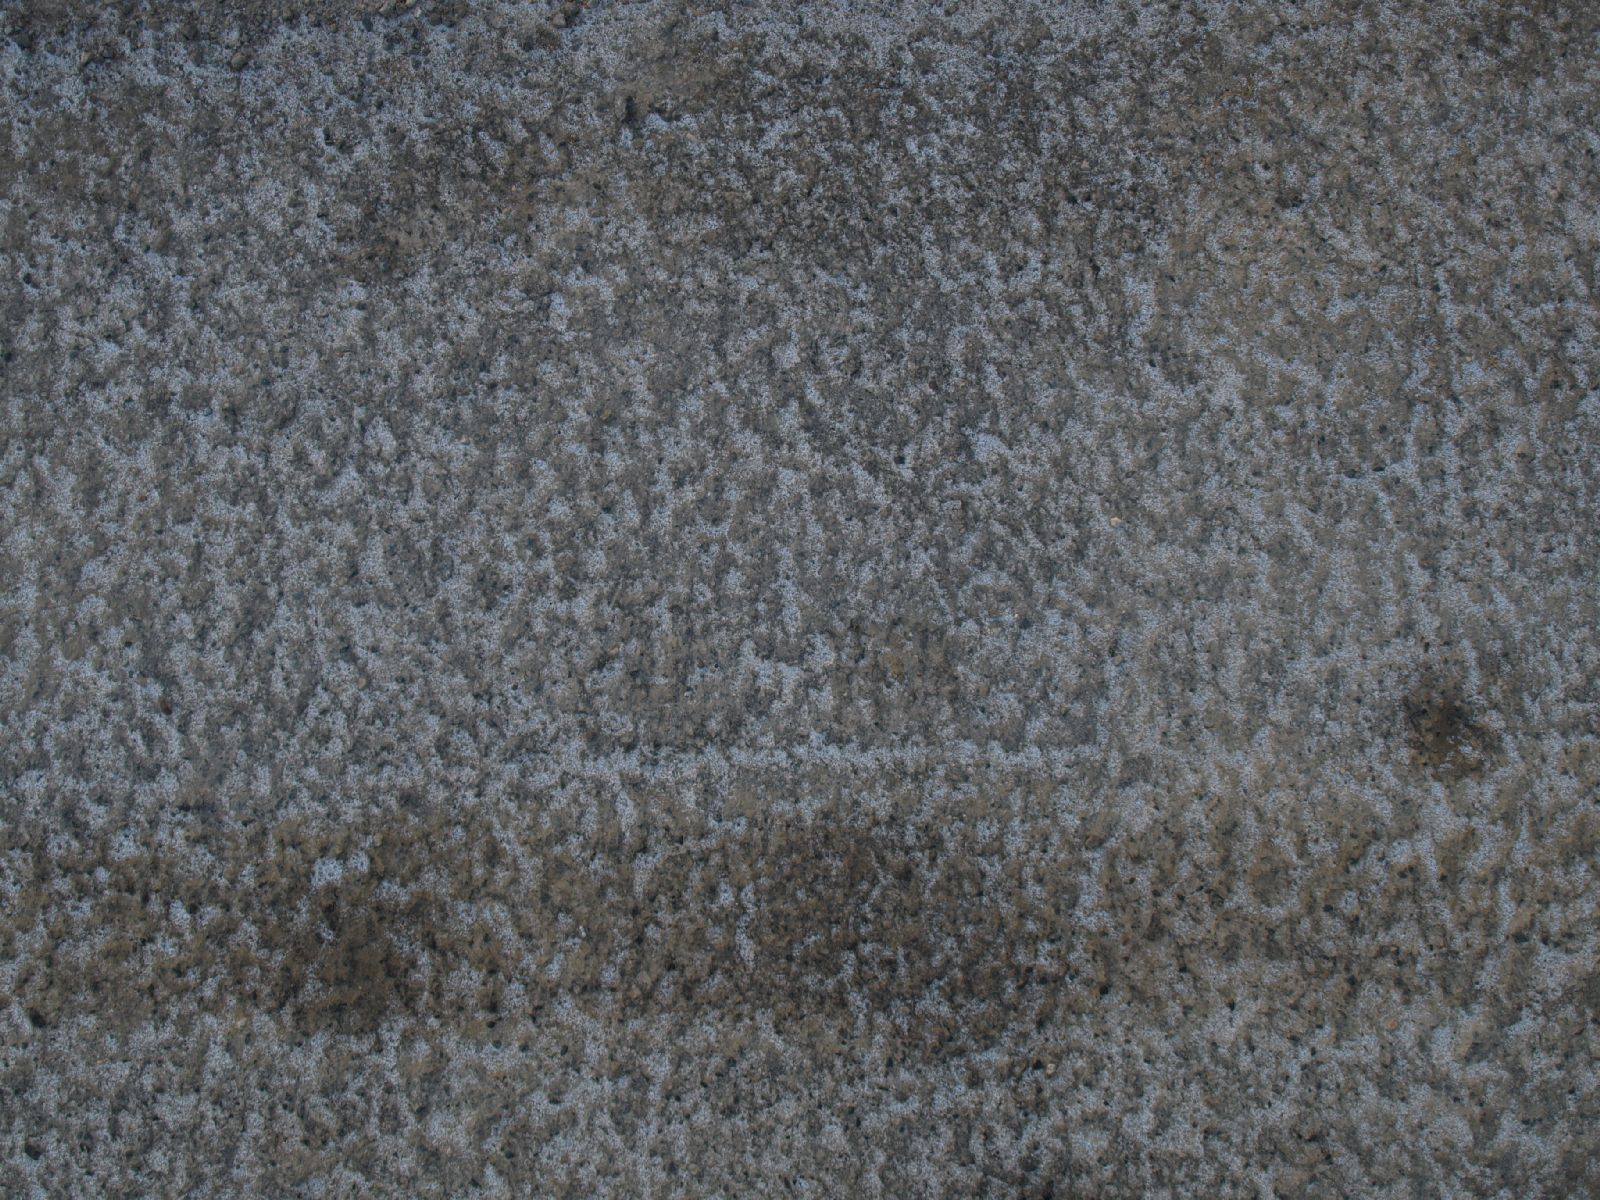 Boden-Erde-Steine_Textur_A_P1018631